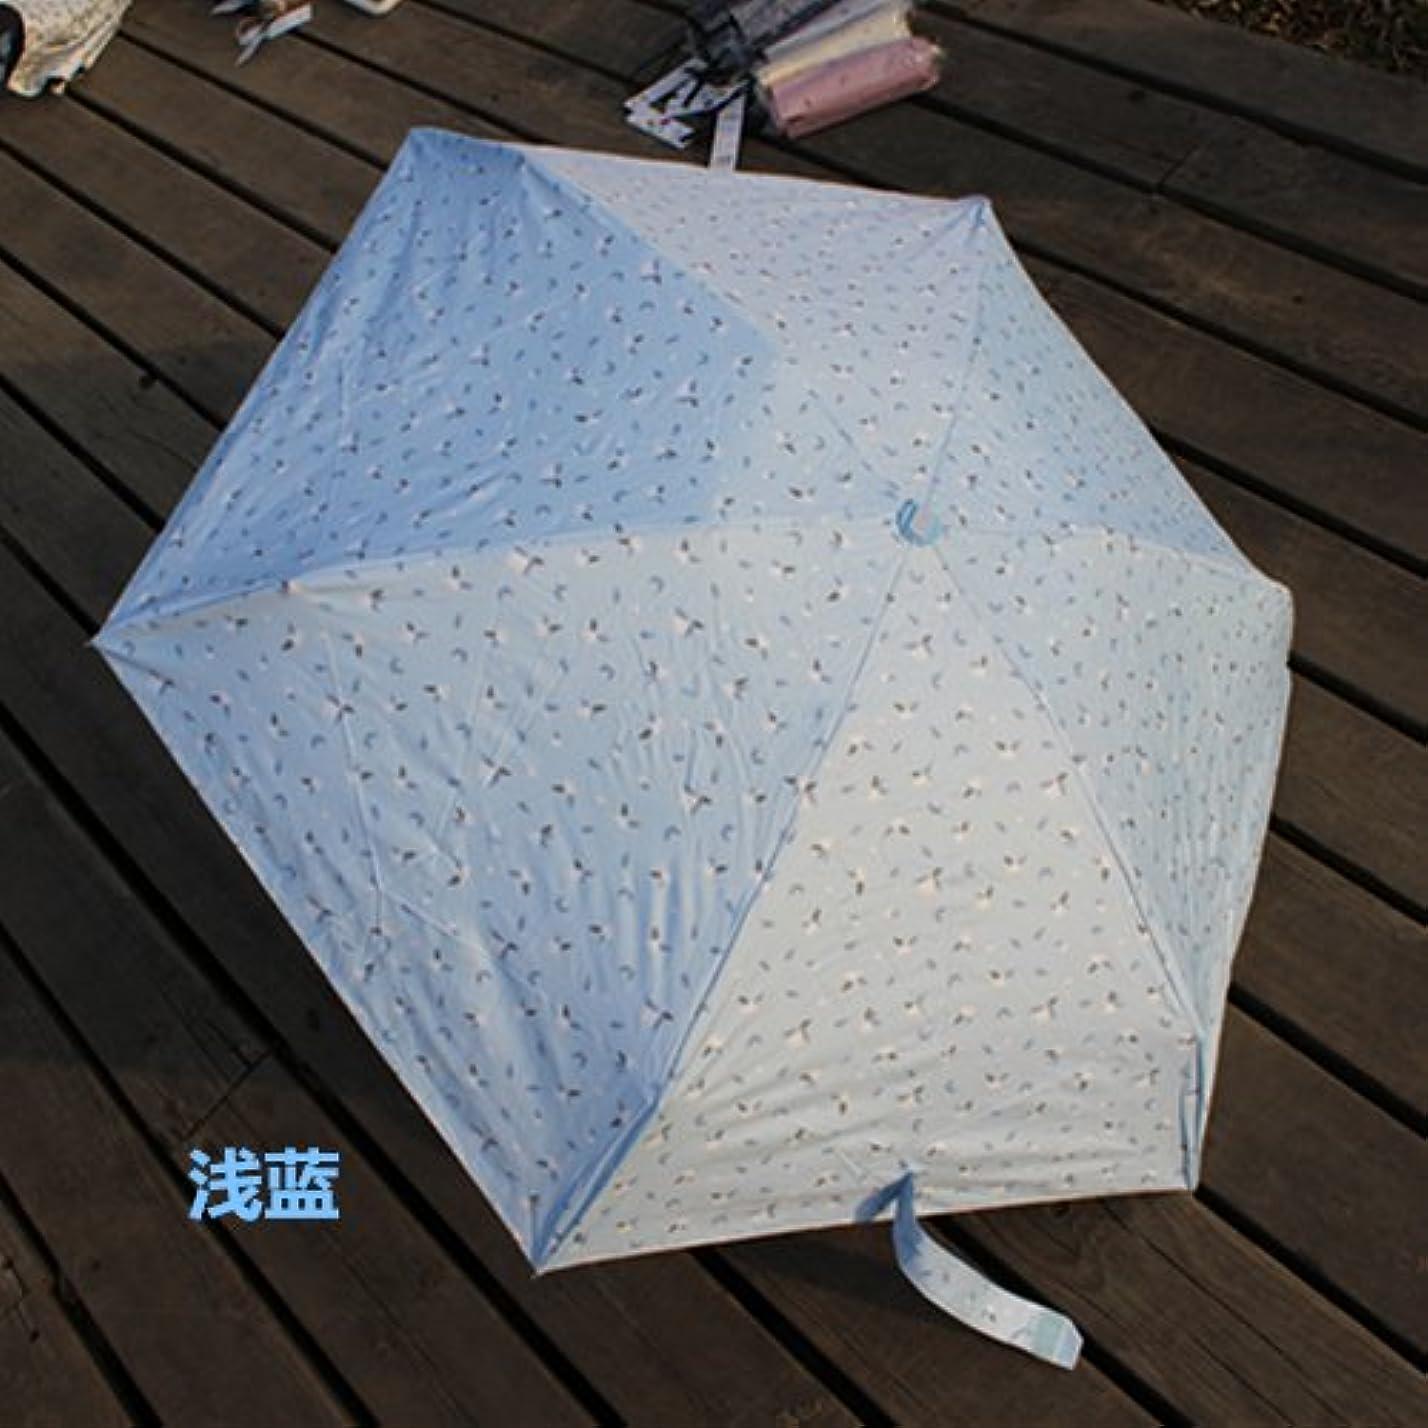 グリーンバック検体引き算CengSan じゅうはち新型5折りたたみ傘ゼロ透光超軽量扁形ポケット傘黒膠晒太陽傘ミニUVカット傘,水色